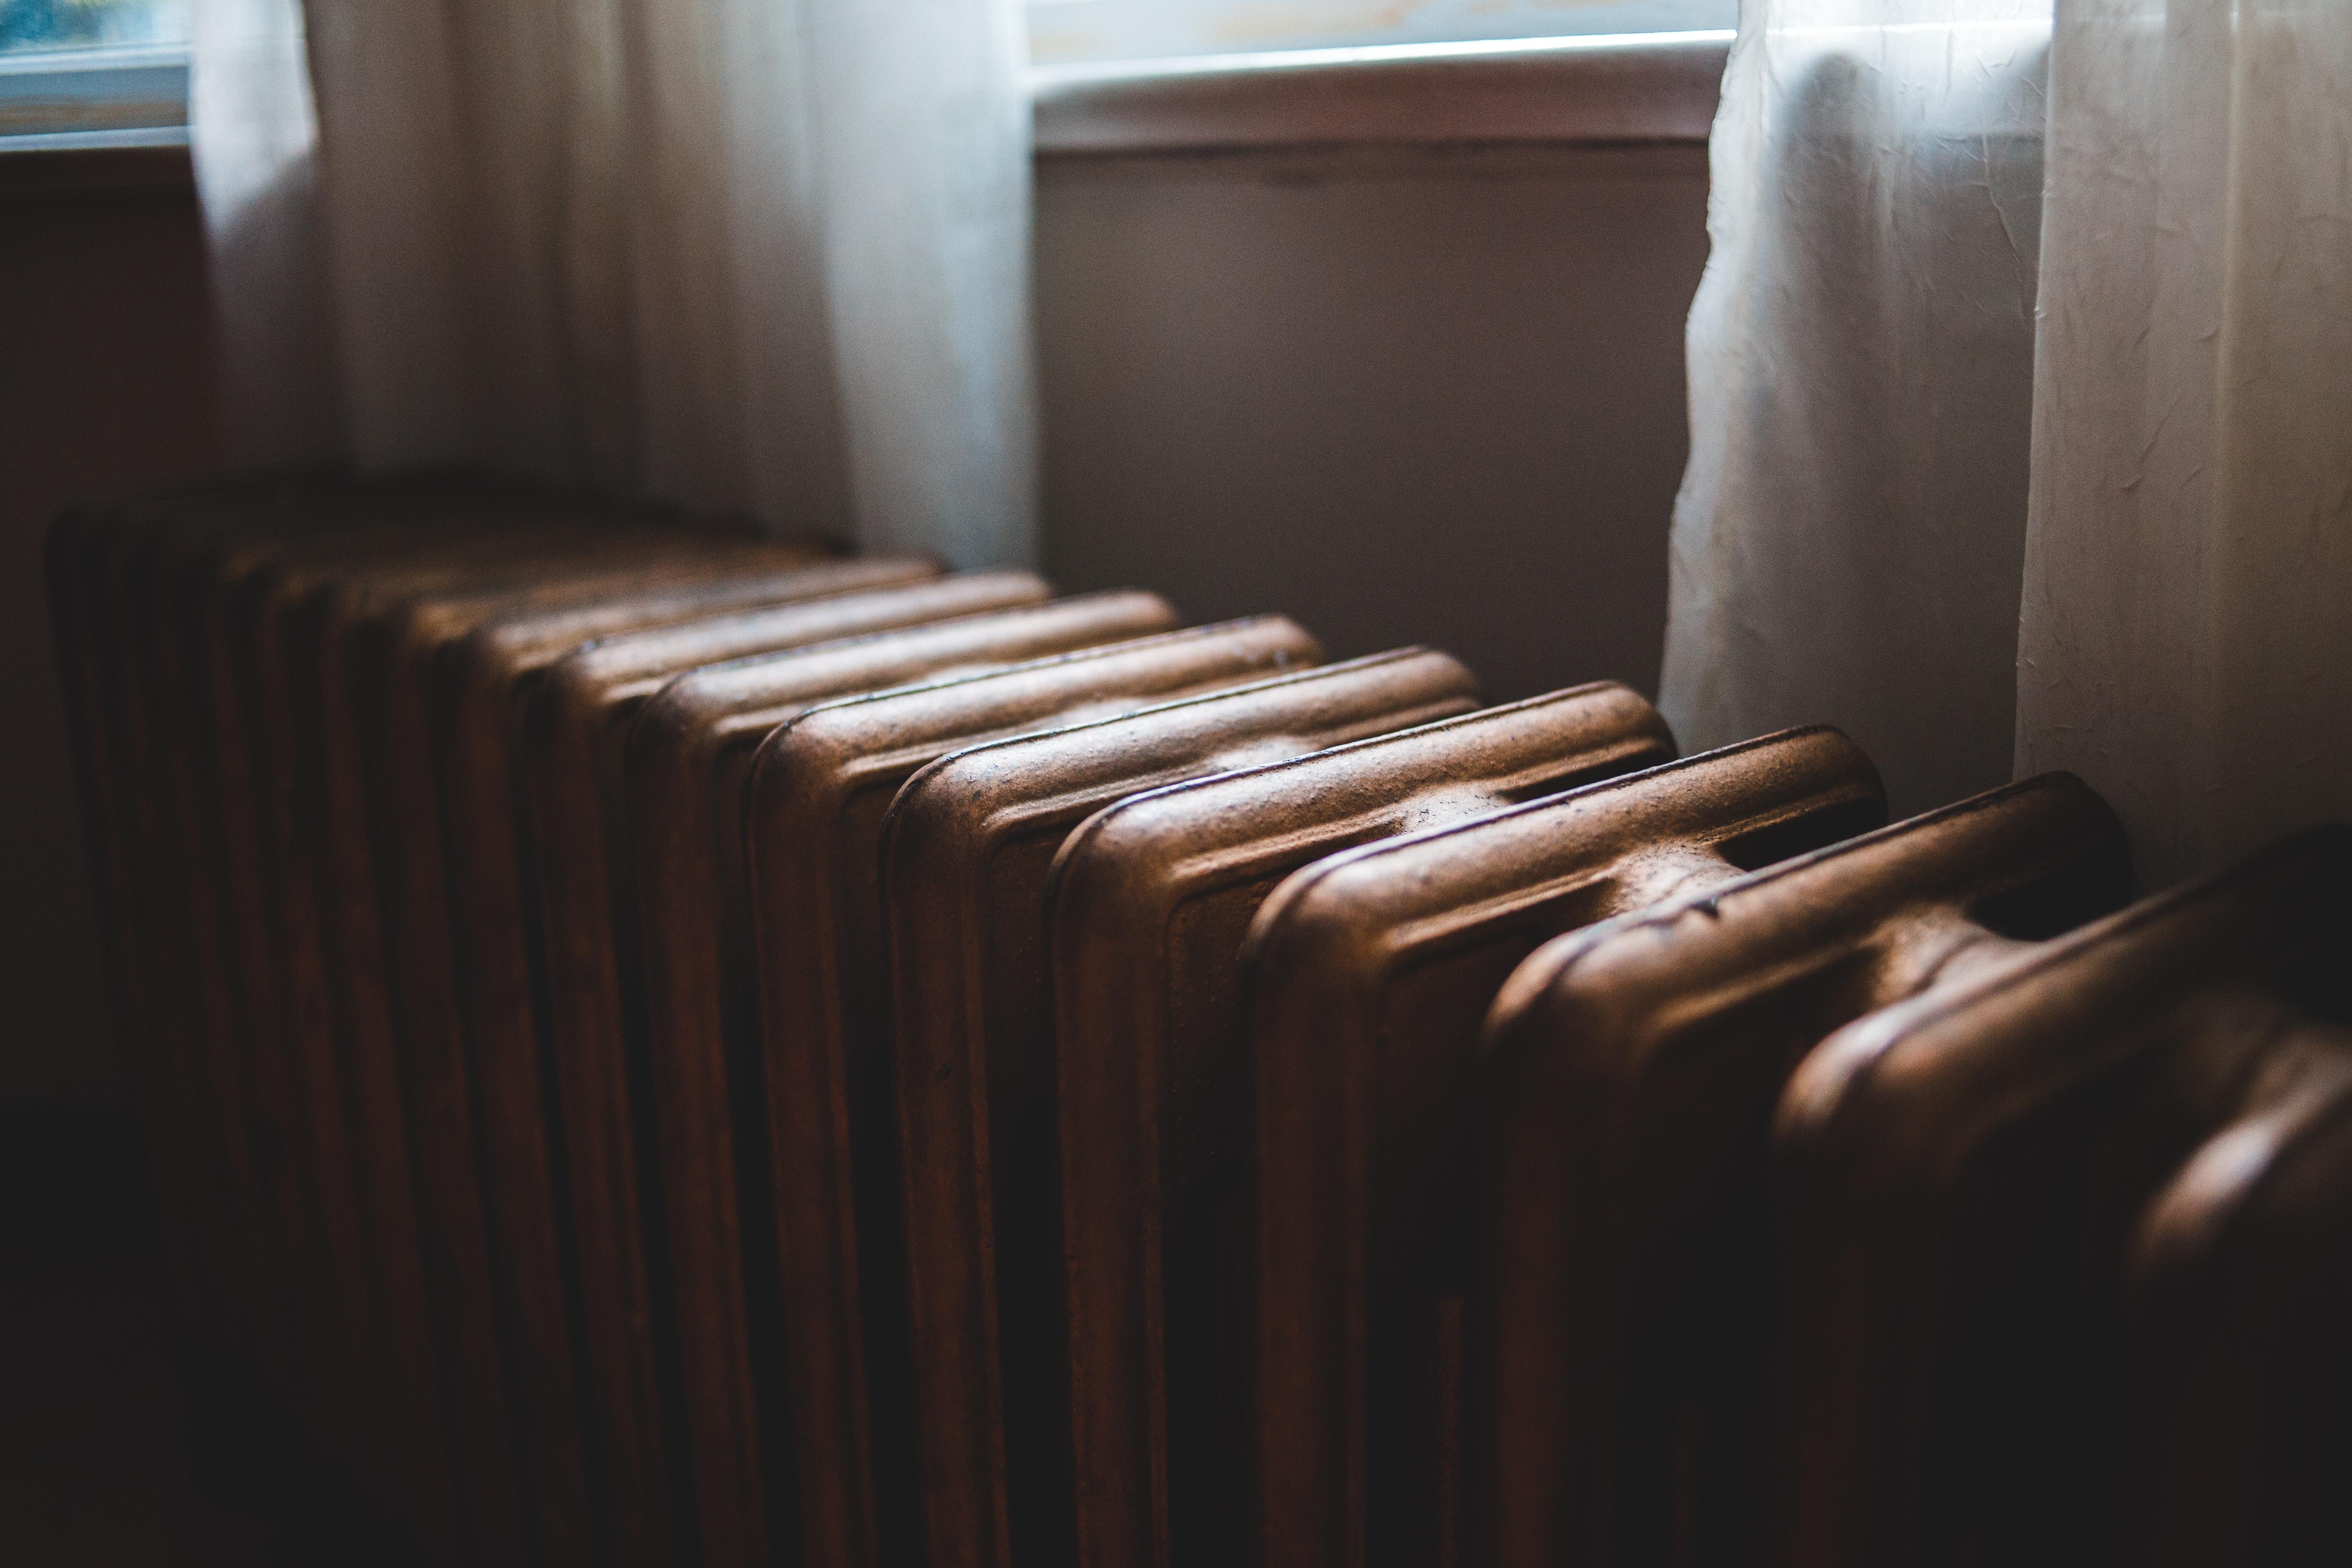 Chcete vzimě ušetři? A jak staré máte radiátory?